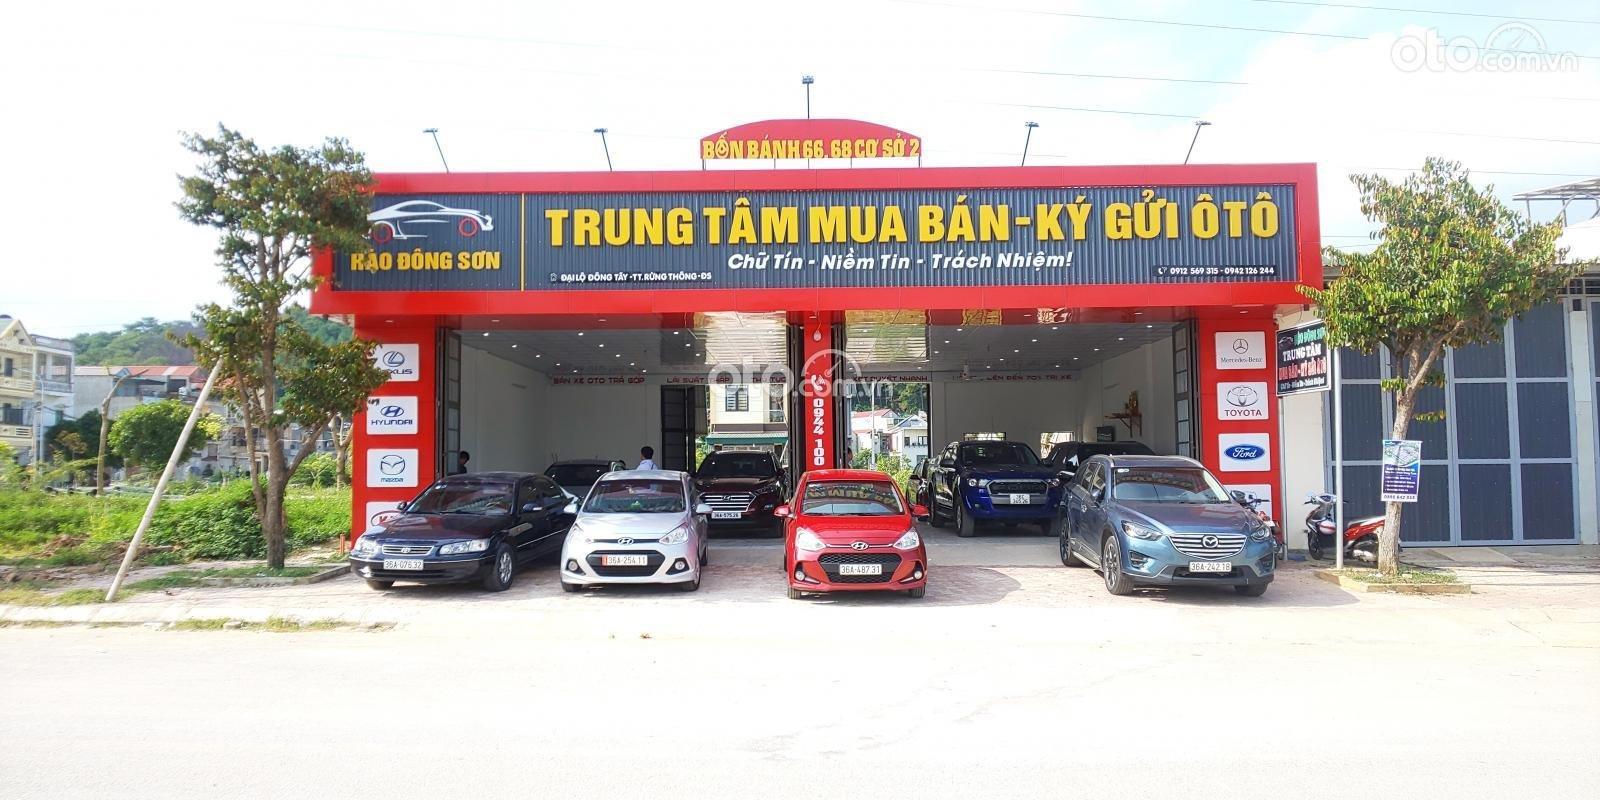 Hào Đông Sơn Auto (1)